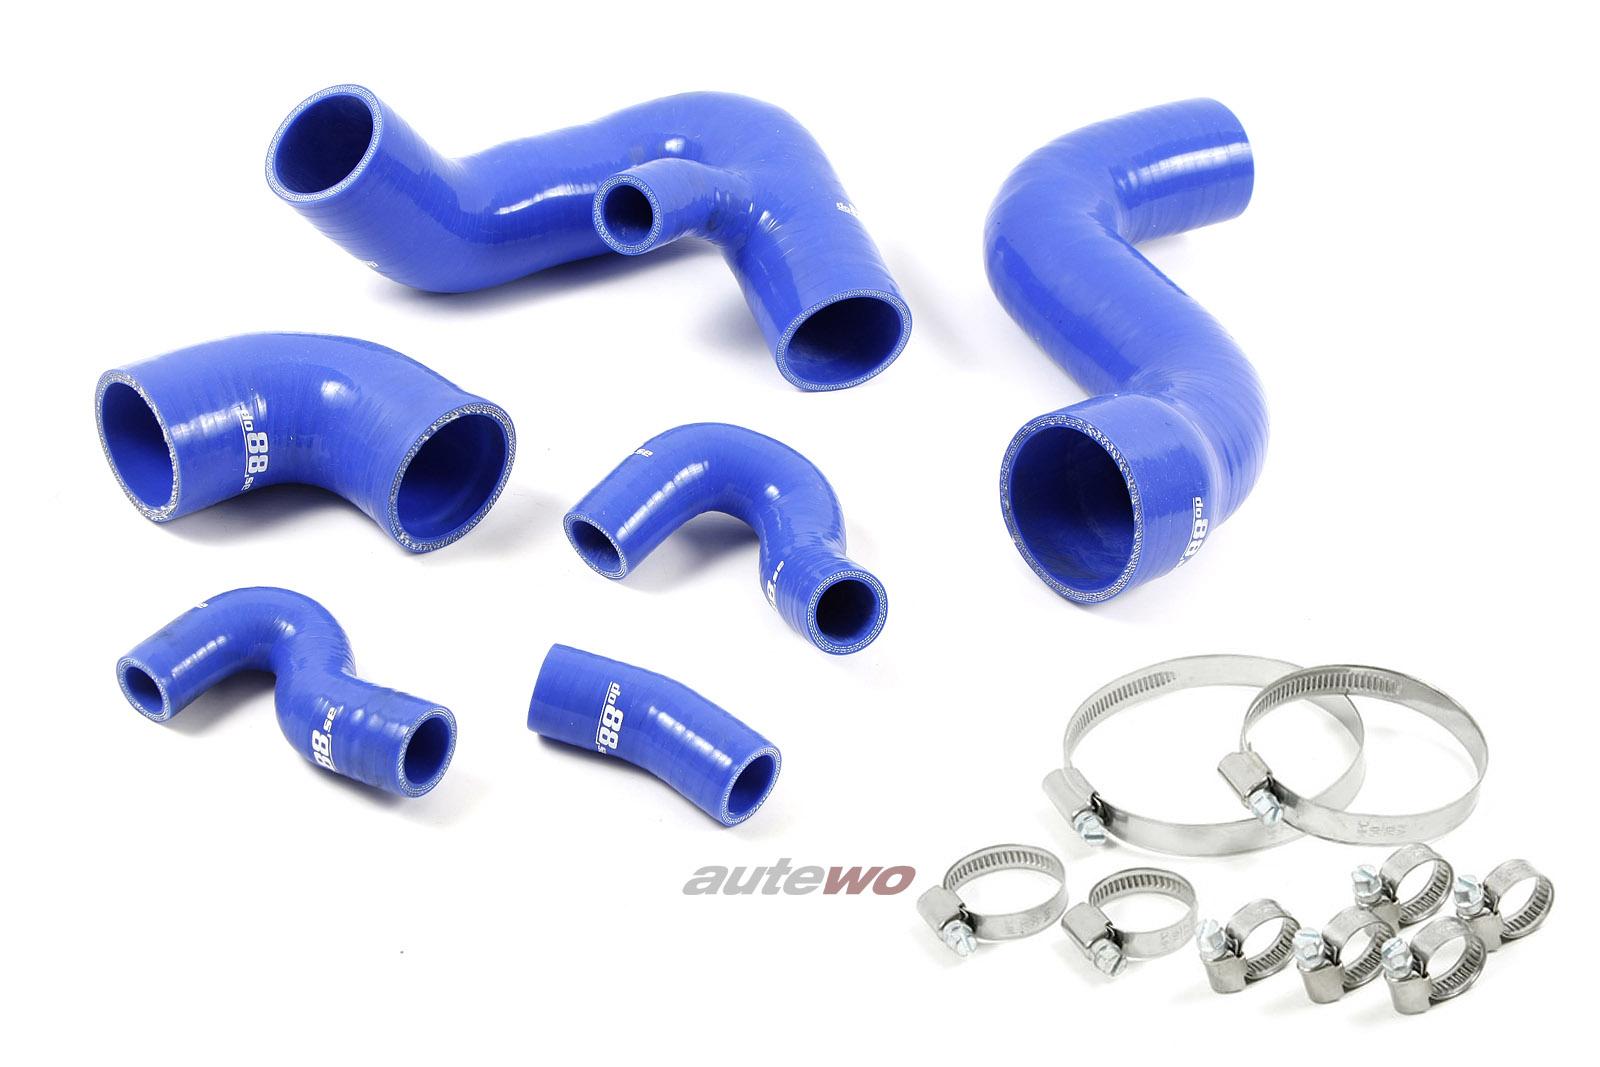 Audi/SEAT A4 8E/Exeo 1.8 Turbo 20V Turbo Silikon-Druckschlauchset + Klemmen blau